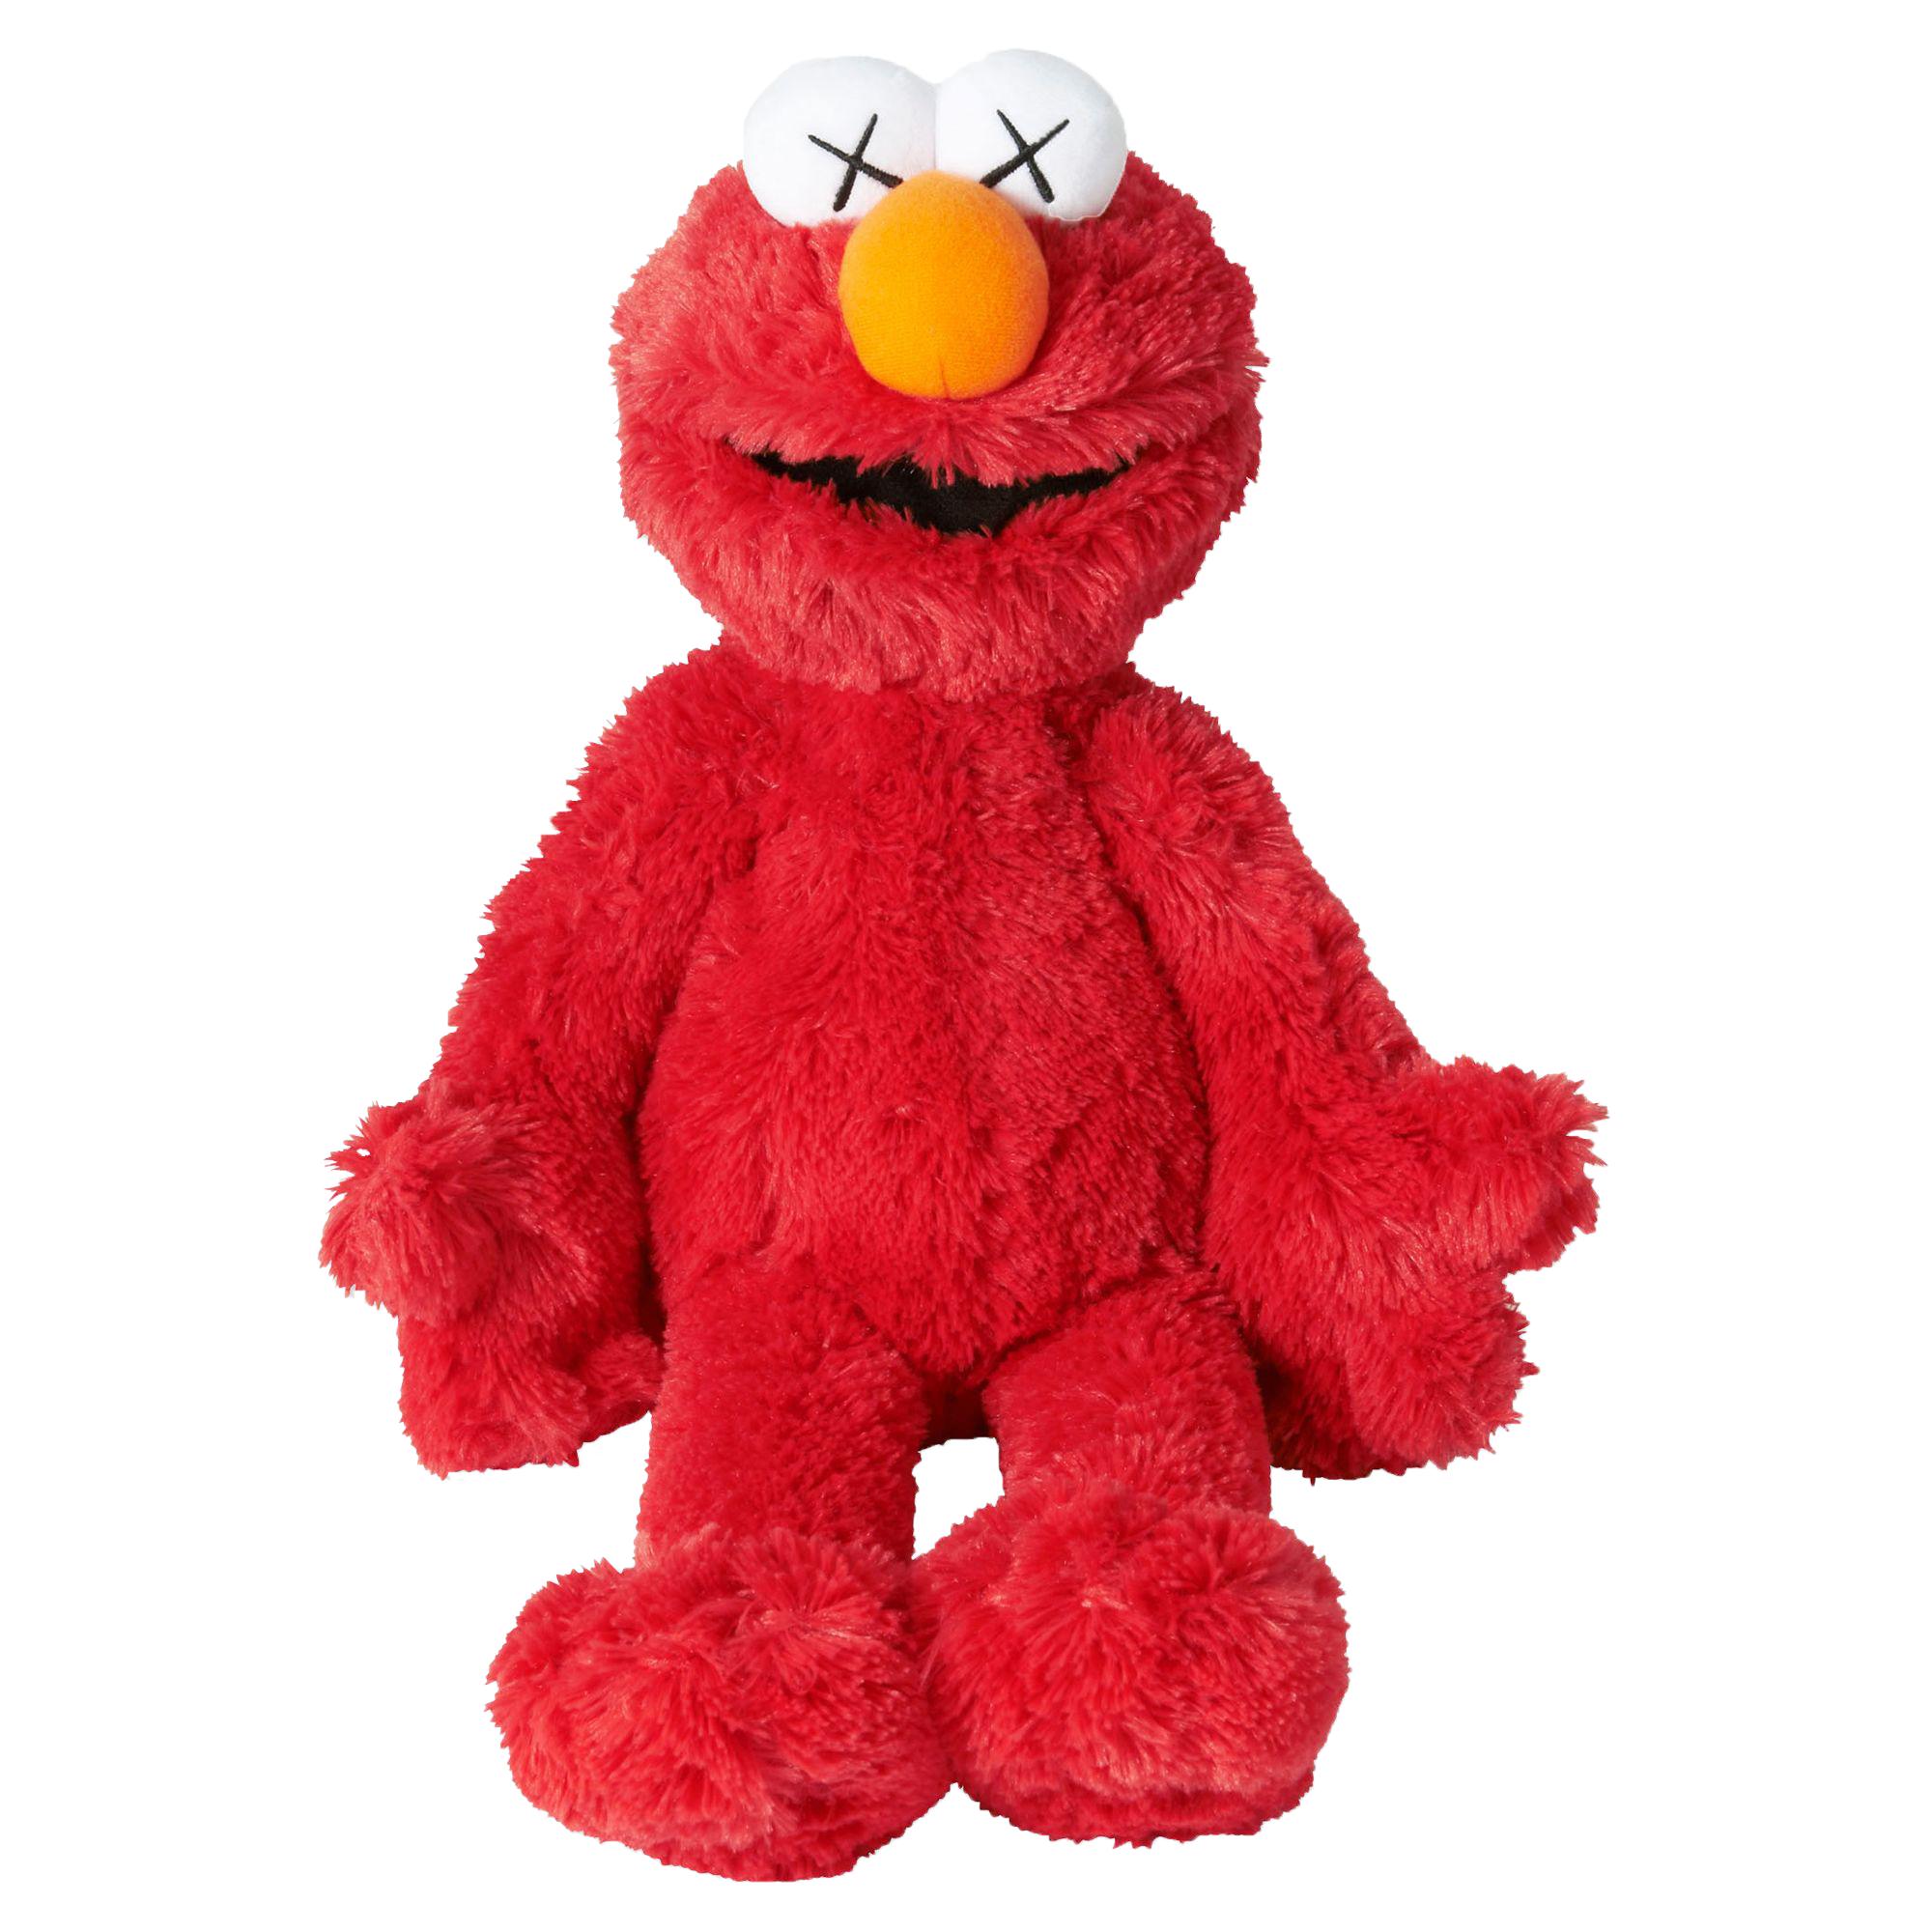 Kaws Sesame Street Uniqlo Elmo Plush Toy Red